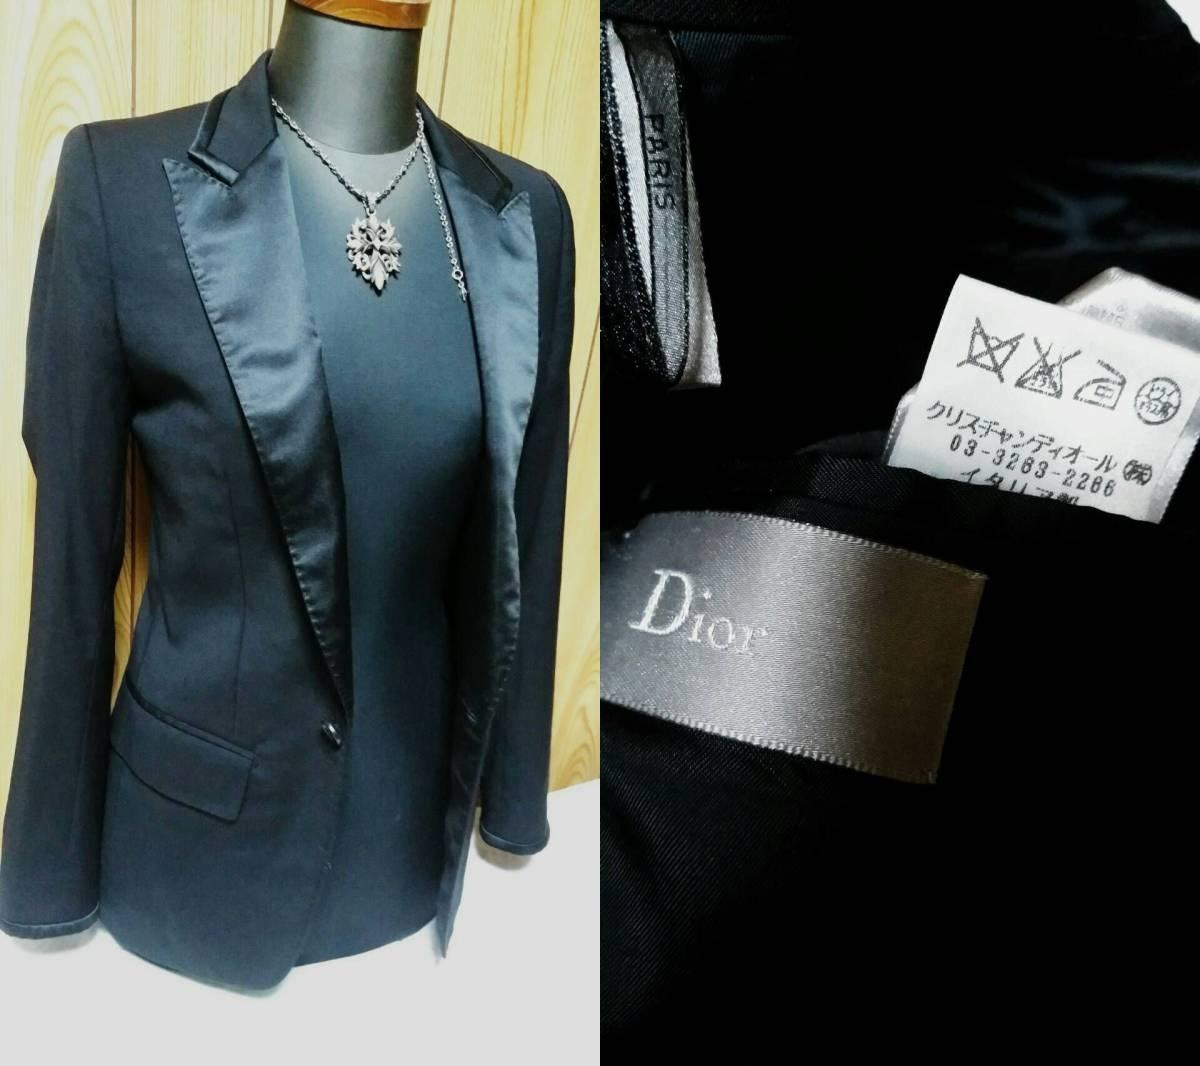 国内正規 レア Dior Hommeディオールオム スモーキングジャケット黒 最小38 ブラック 光沢ラペル×ライン 1BテーラードJK 6H 男女兼用可★_画像8